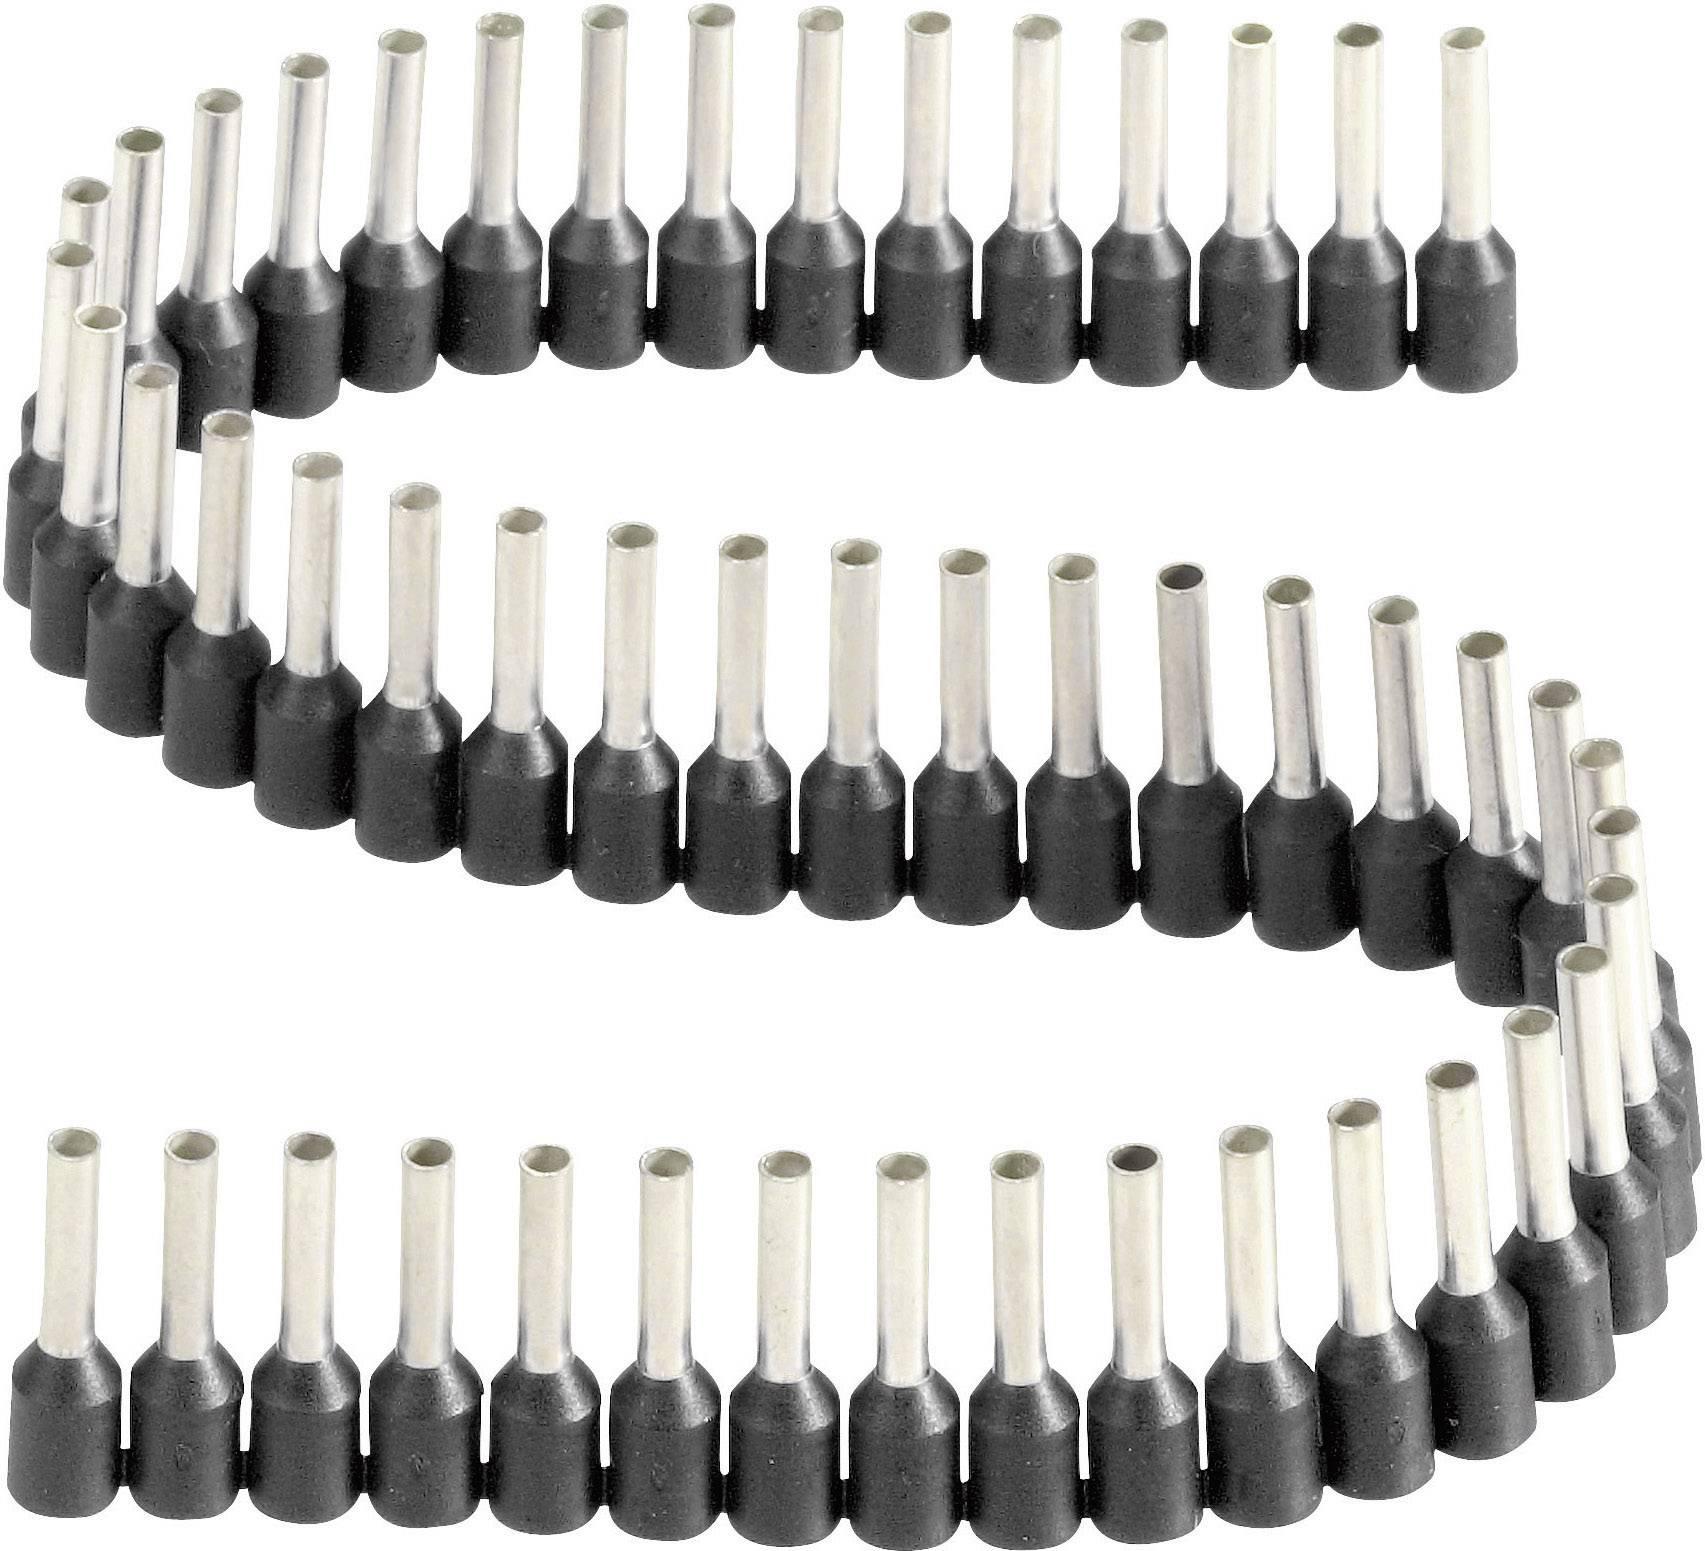 Dutinka Vogt Verbindungstechnik 470408.00050, spojovací materiál , 1.50 mm², 8 mm, čiastočne izolované, čierna, 1 ks